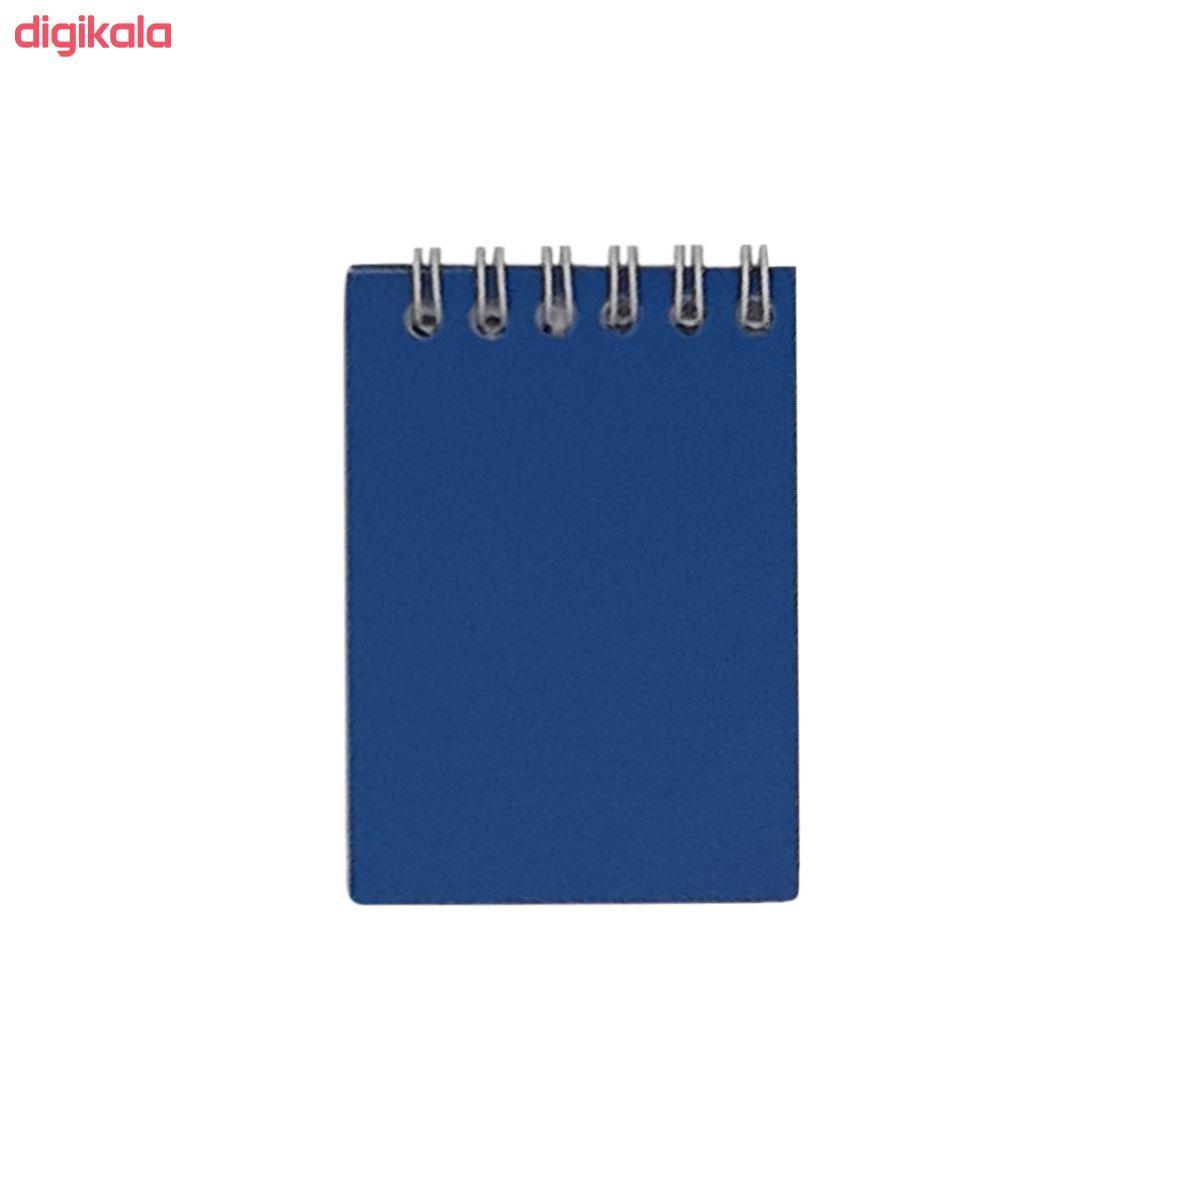 دفترچه یادداشت 60 برگ الماس مدل B-SD-T main 1 2